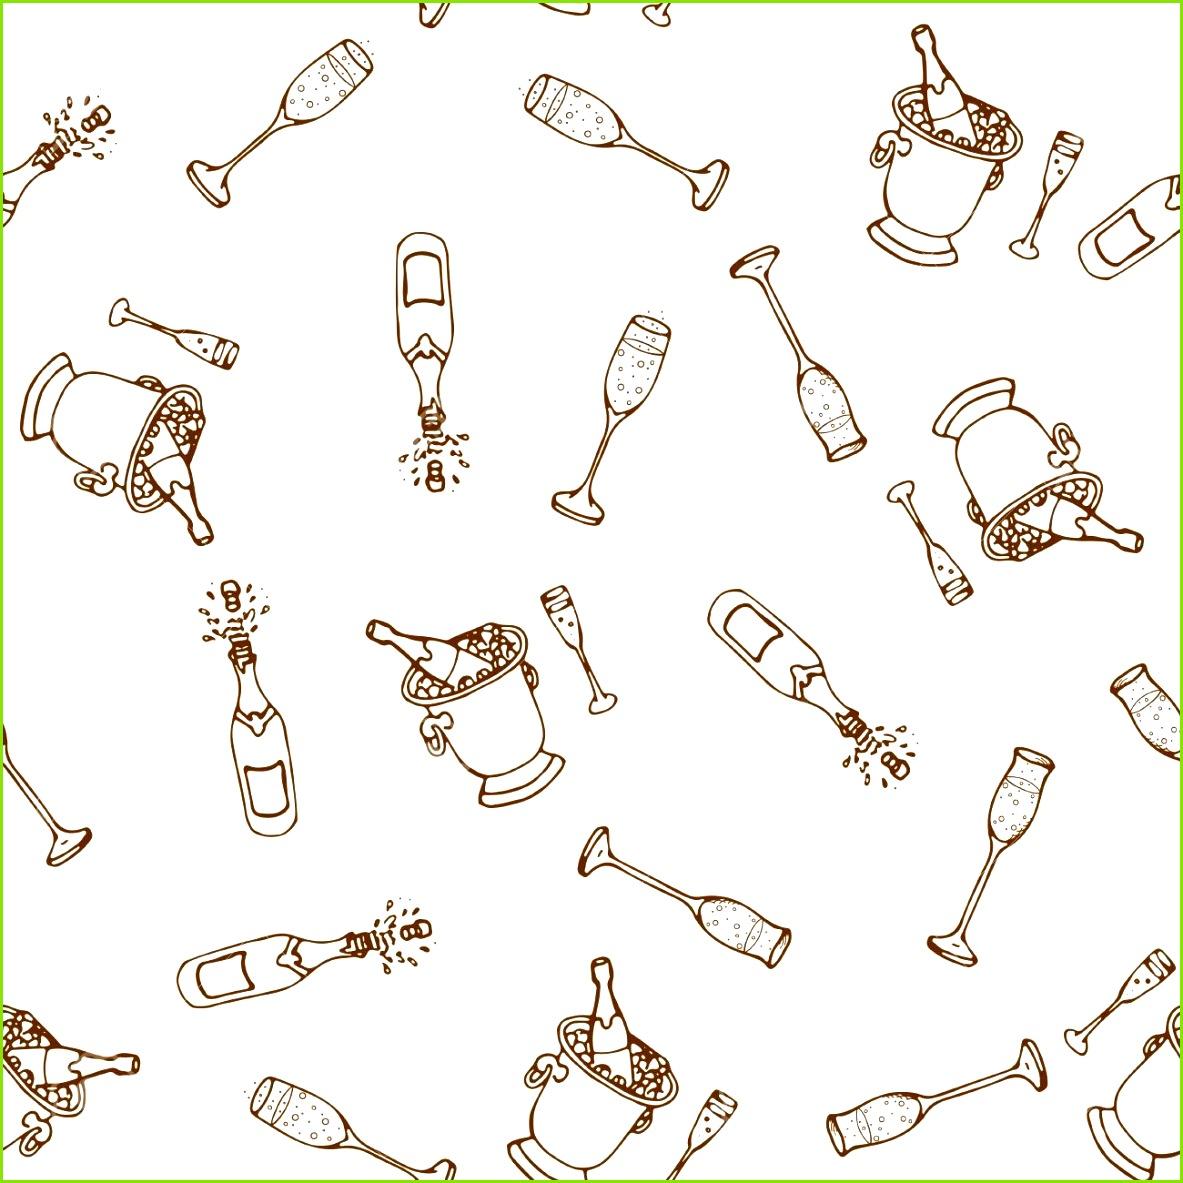 Wein nahtlose Muster Weinherstellungsprodukte im Skizzenstil Hand gezeichnete alkoholische Getränke eingestellt Vector Illustration